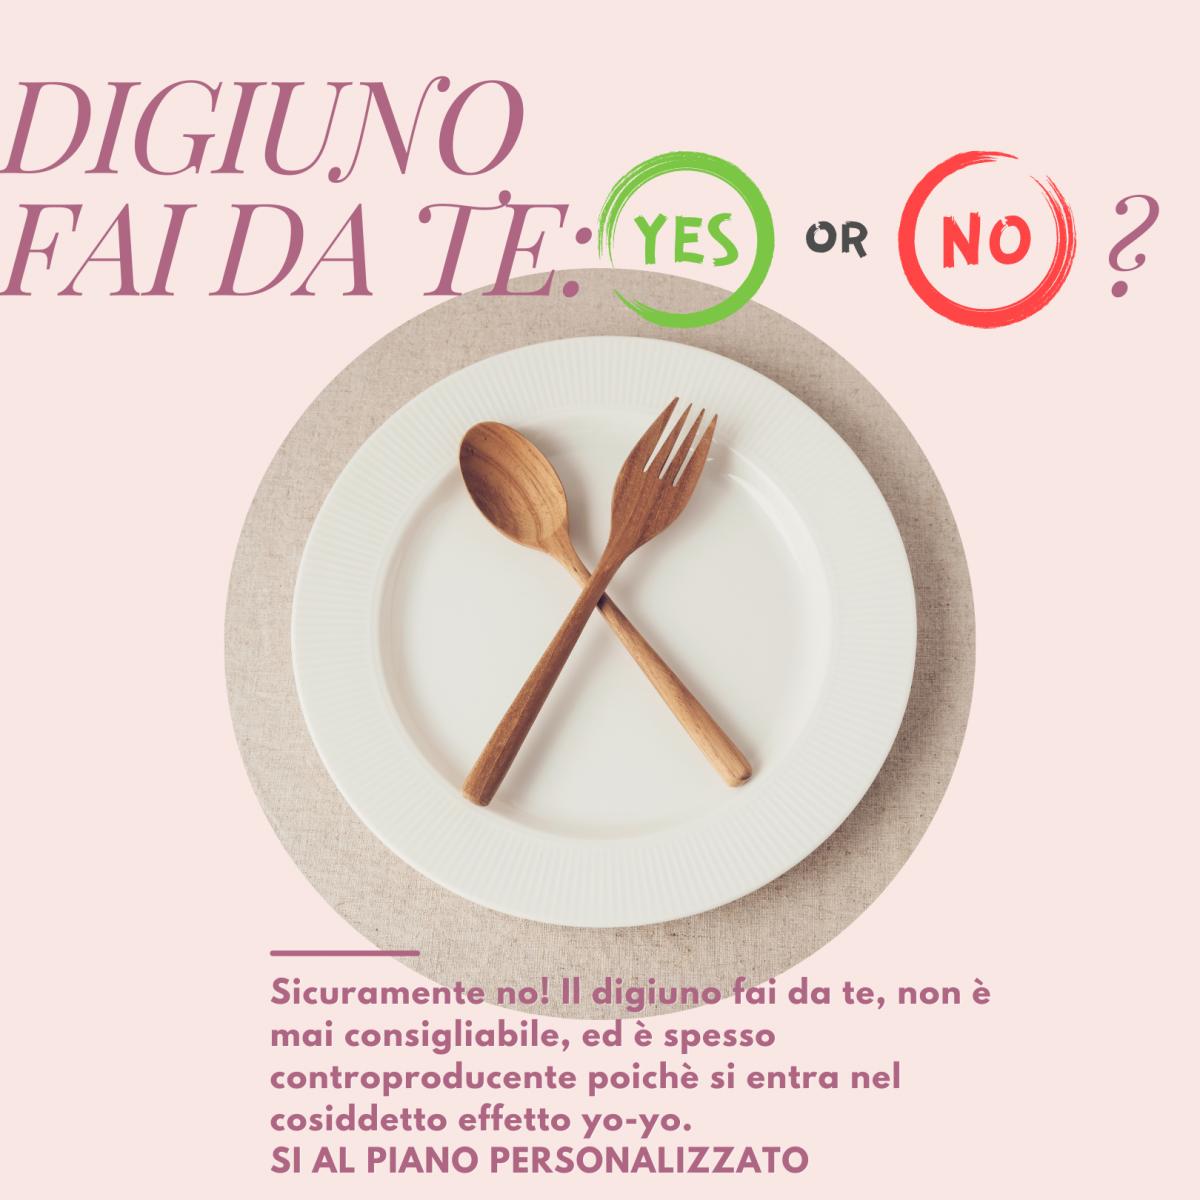 No-digiuni-fai-da-te-Si-al-piano-personalizzato.-I-consigli-delle-nutrizioniste-B-Woman-1200x1200.png